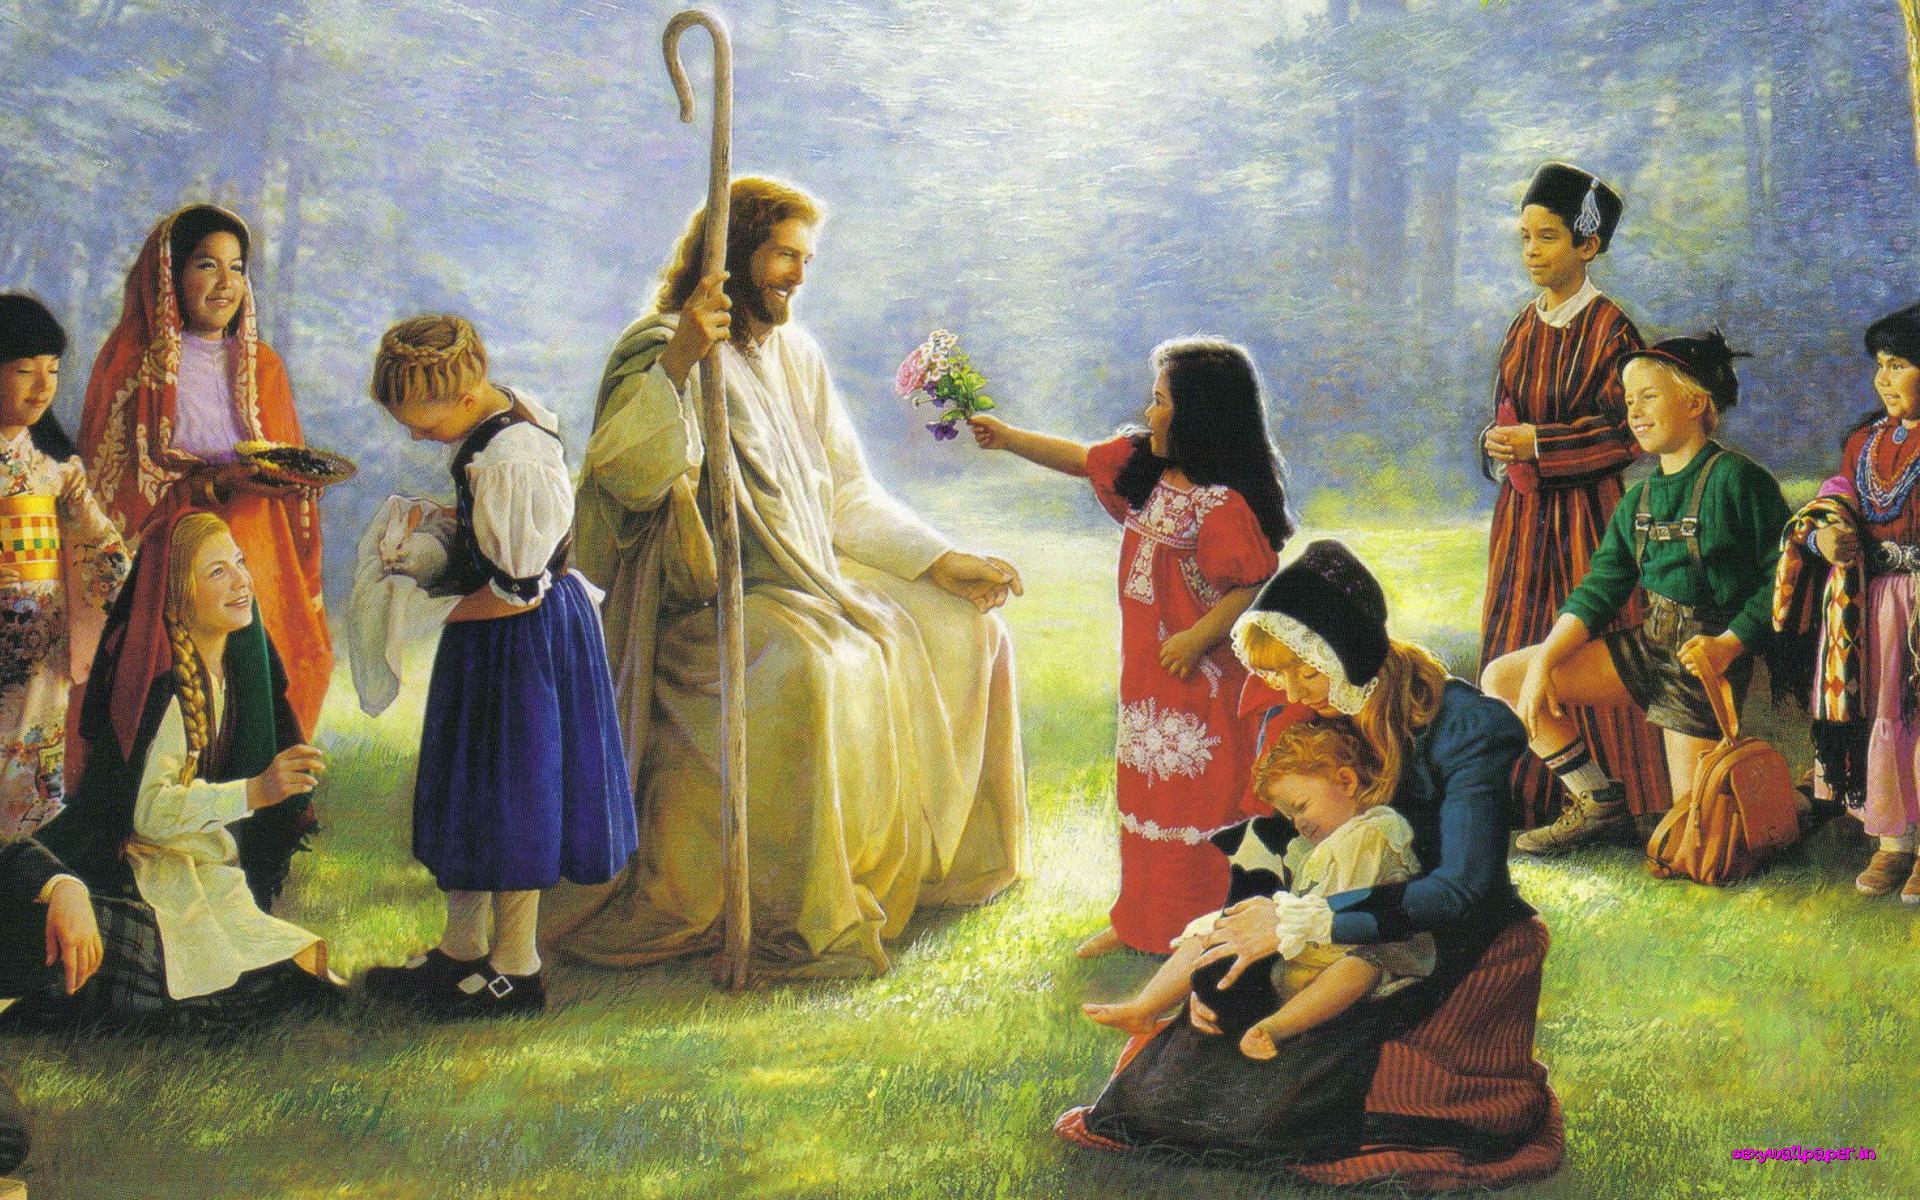 Jesus Christ Widescreen Wallpapers 07 1920x1200